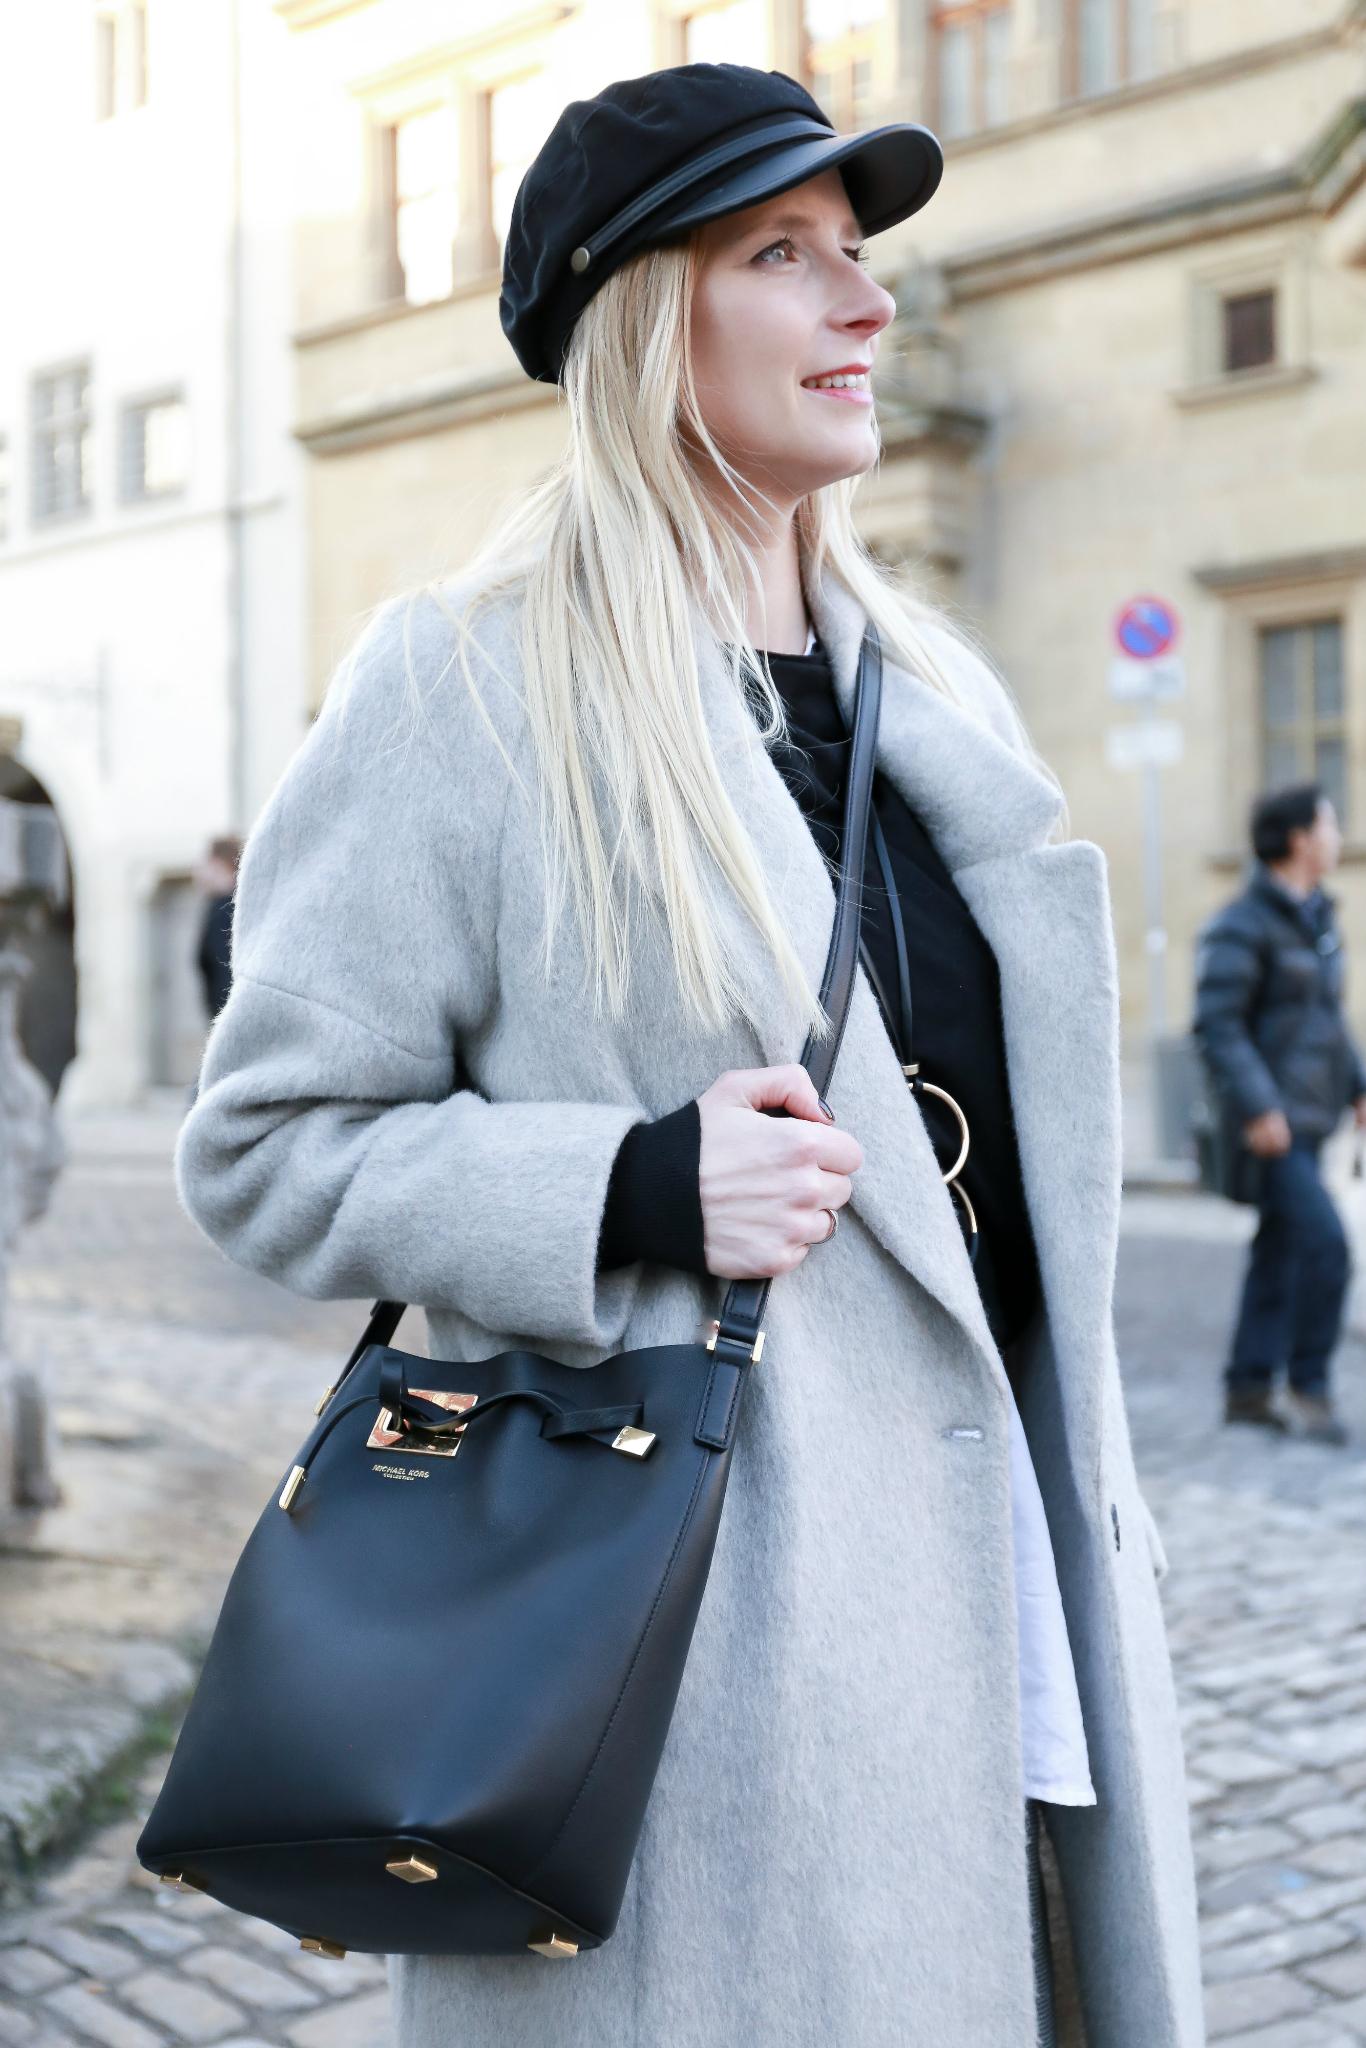 Fashion_Outfit_Michael_Kors_Bucket_Bag-19